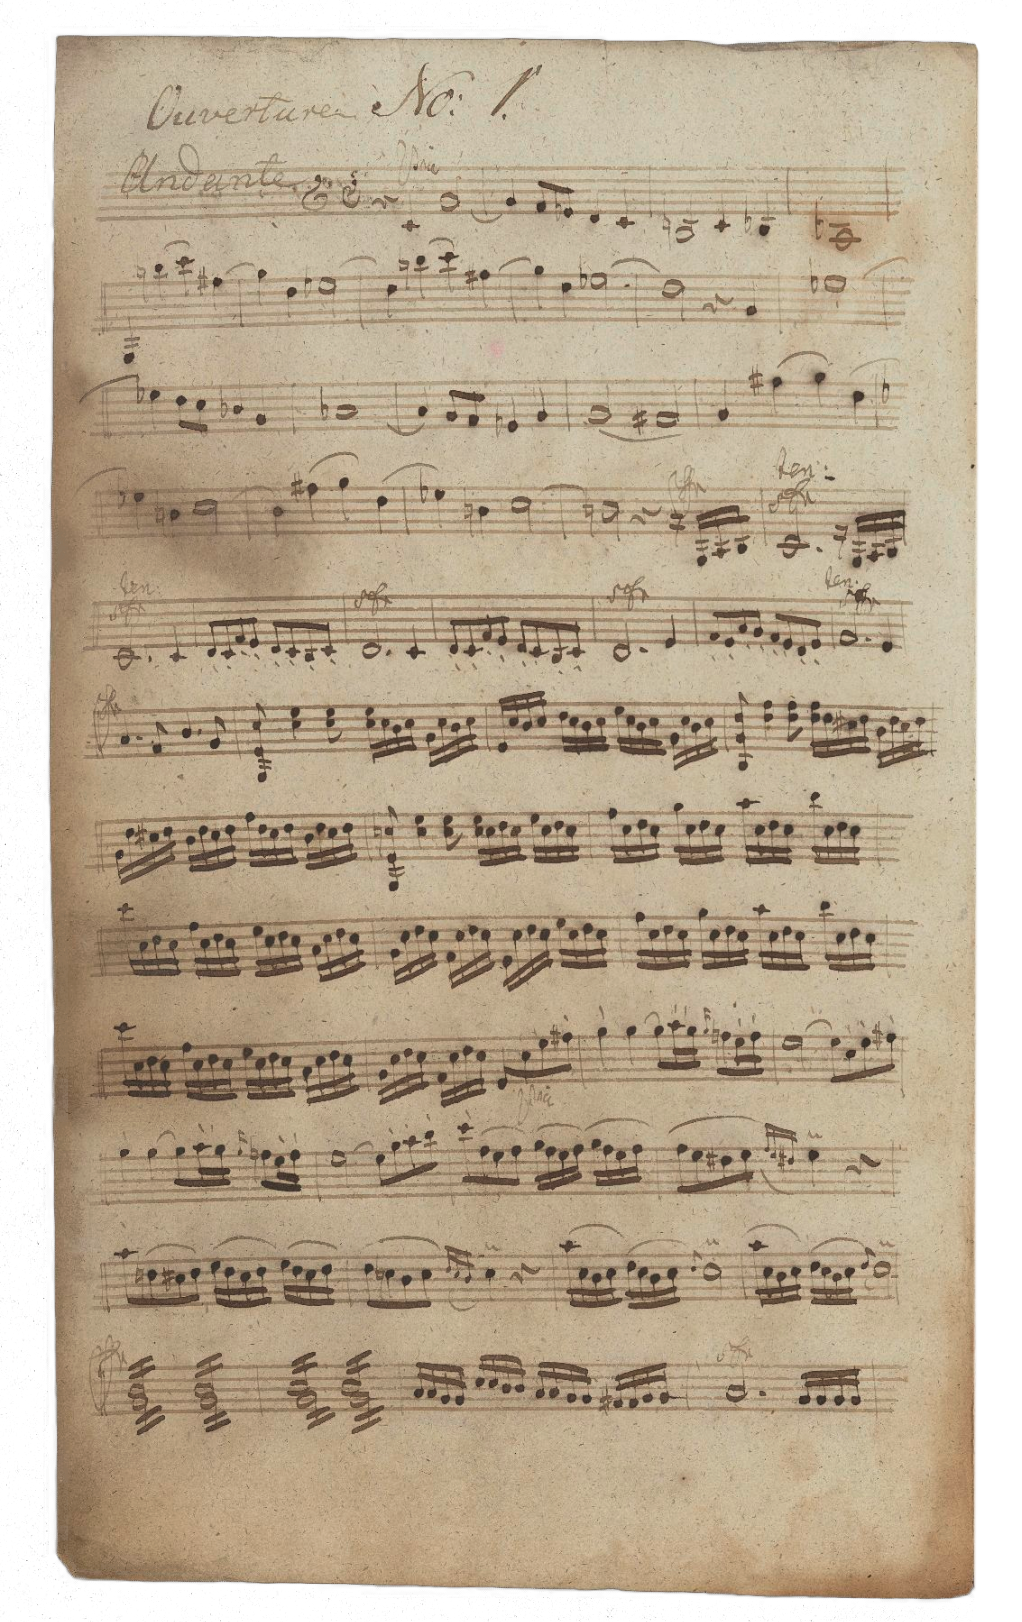 01_Violina primo_beschnitten.png